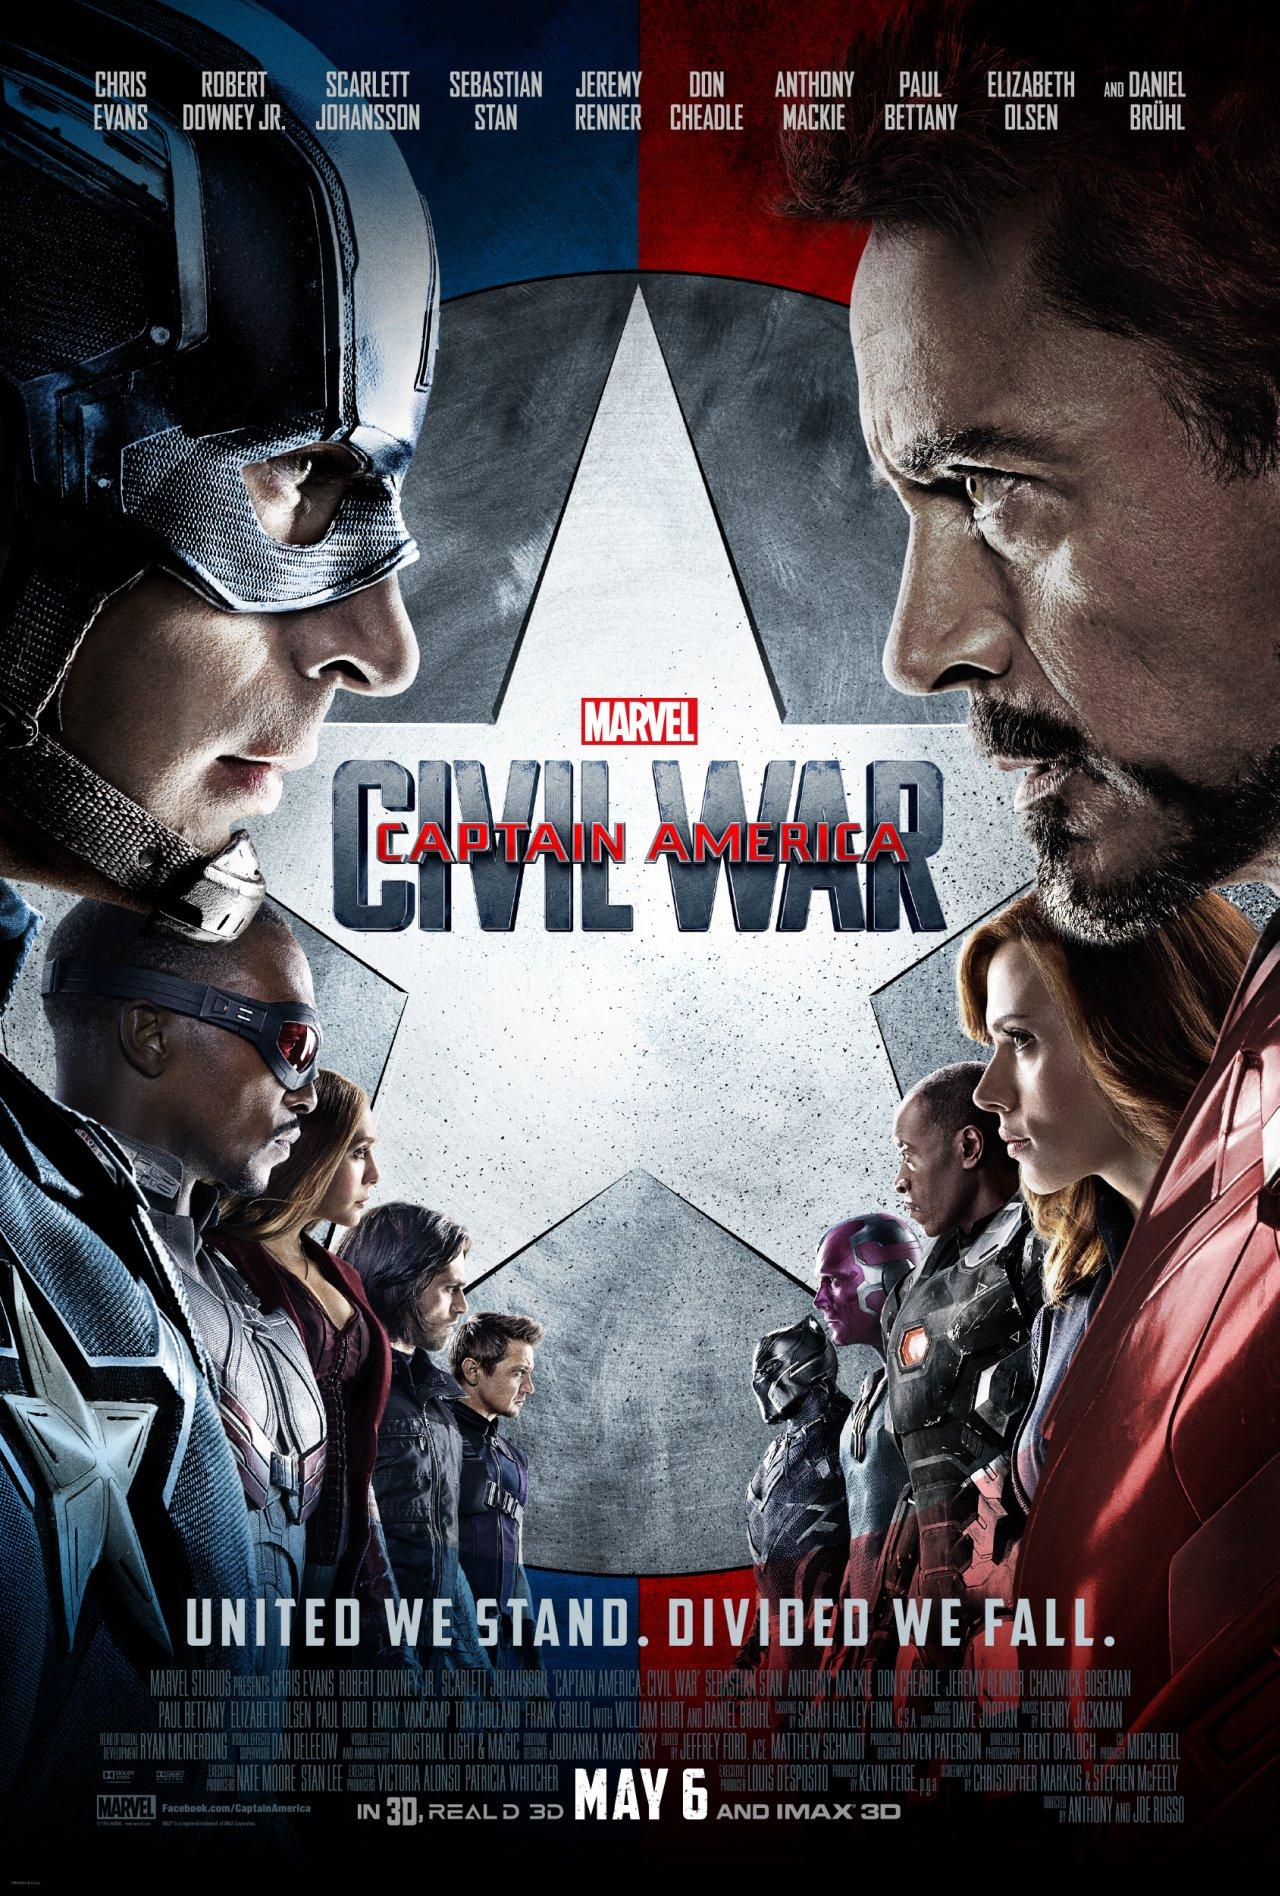 Avengers: Assured.